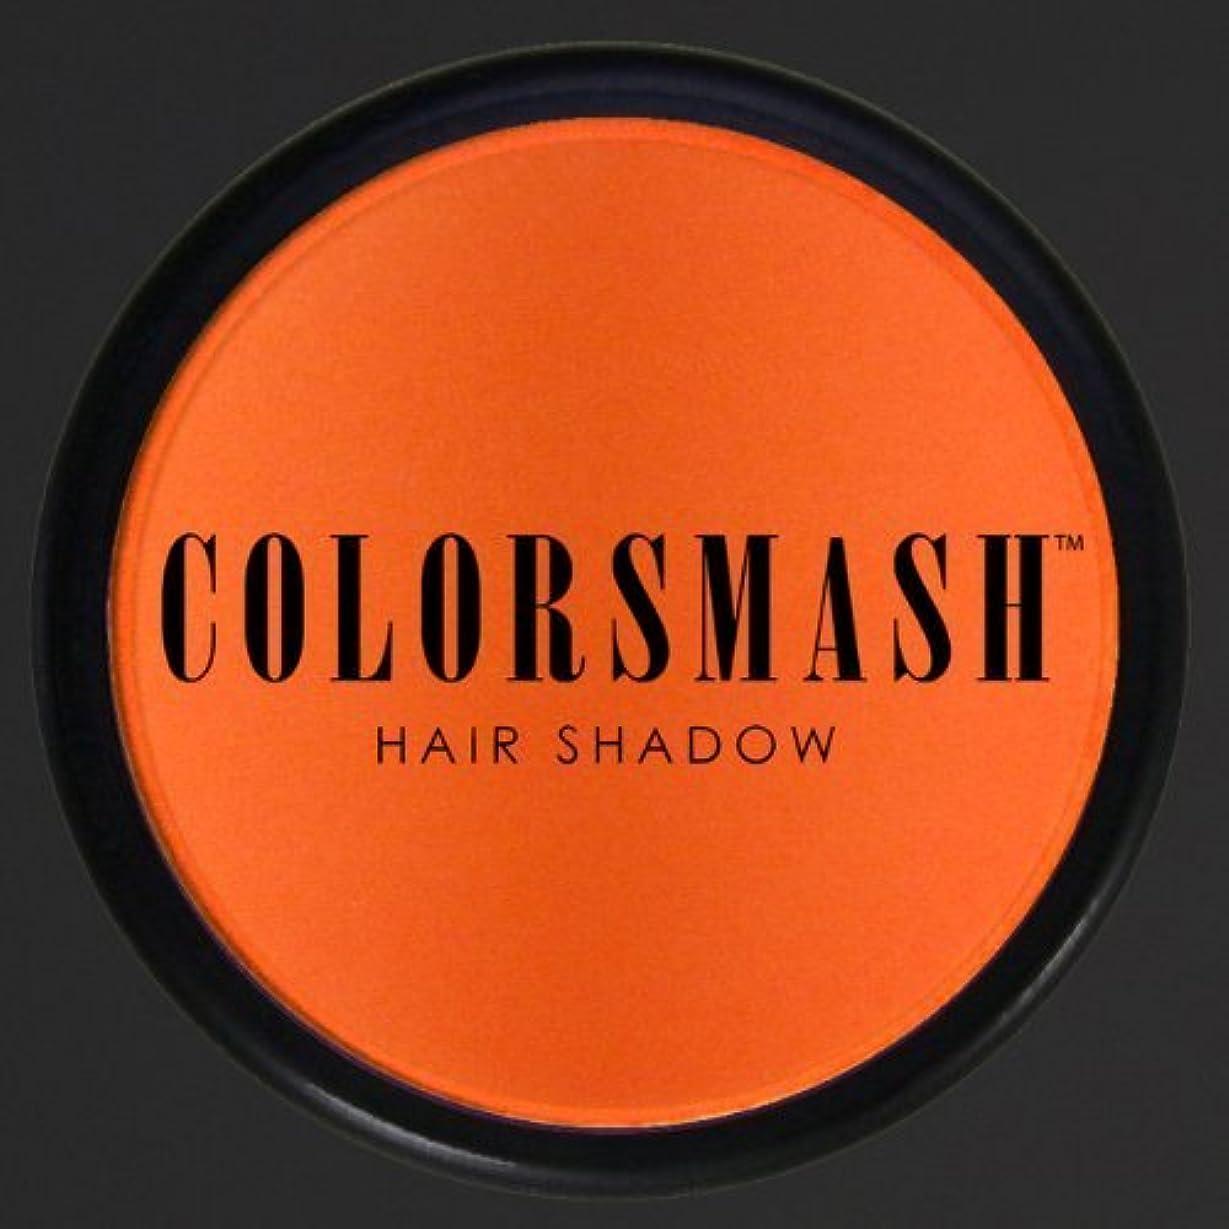 リーダーシップ怖がらせるサラダColorSmash Hair Shadow パンプキンスパイスでColorsmash髪の影一時的な髪のチョーク(ウォームオレンジ)